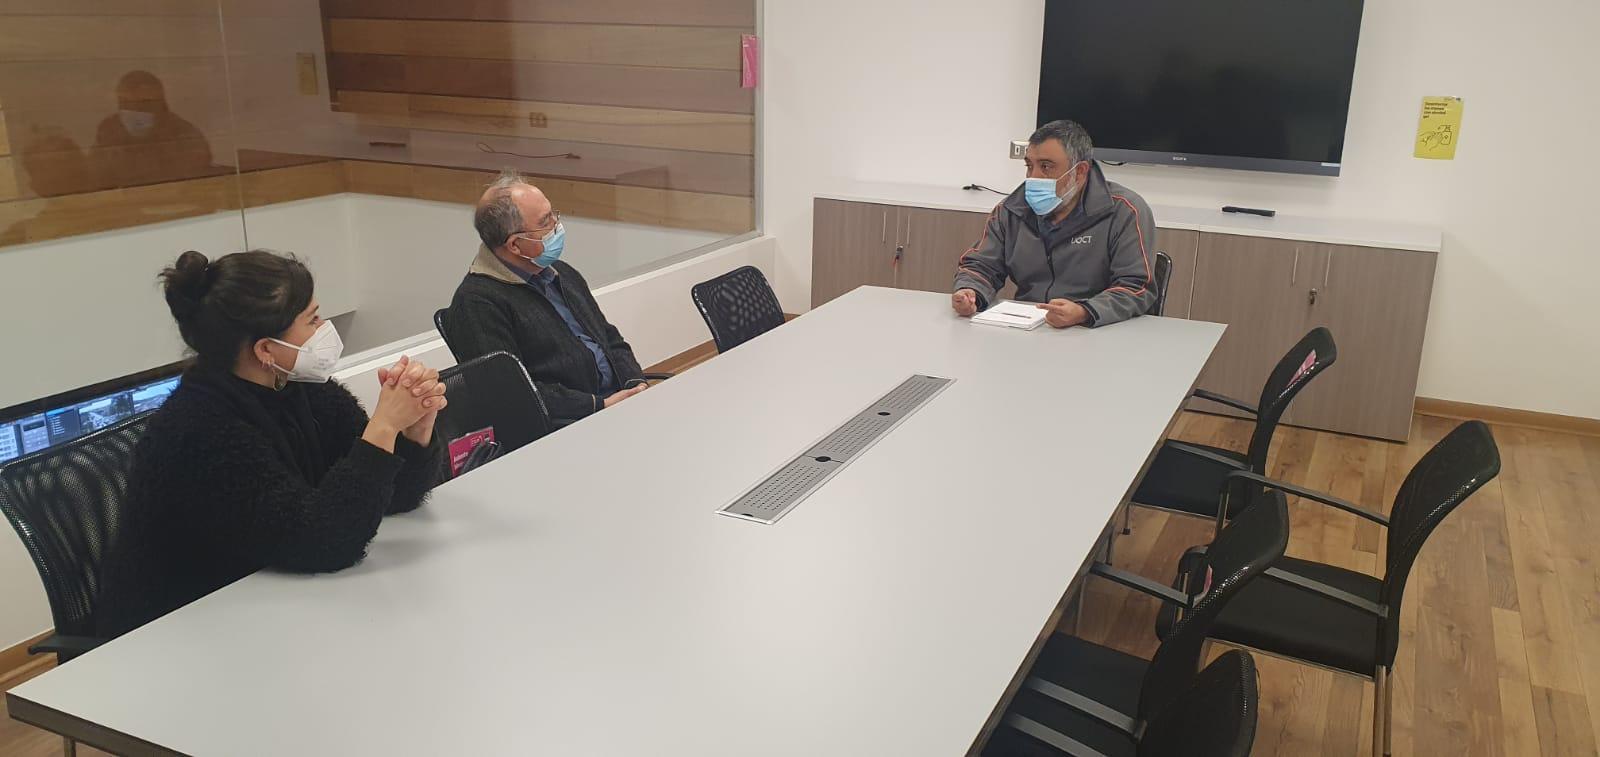 Representantes de Junta de Vecinos de Viña del Mar visitaron dependencias de la UOCT regional